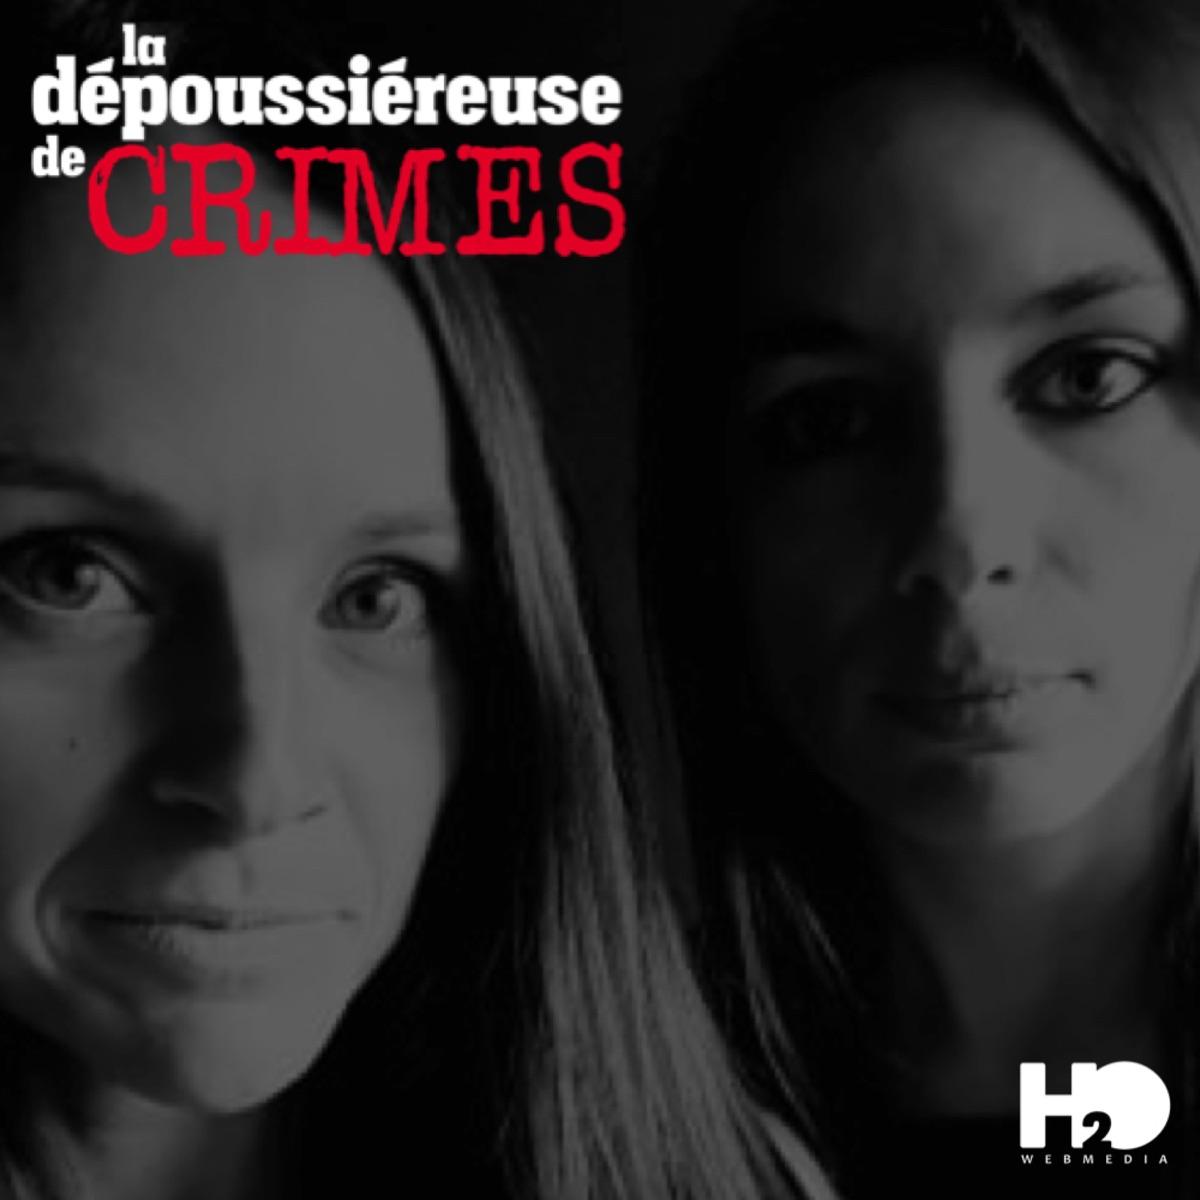 La Dépoussiéreuse de crimes